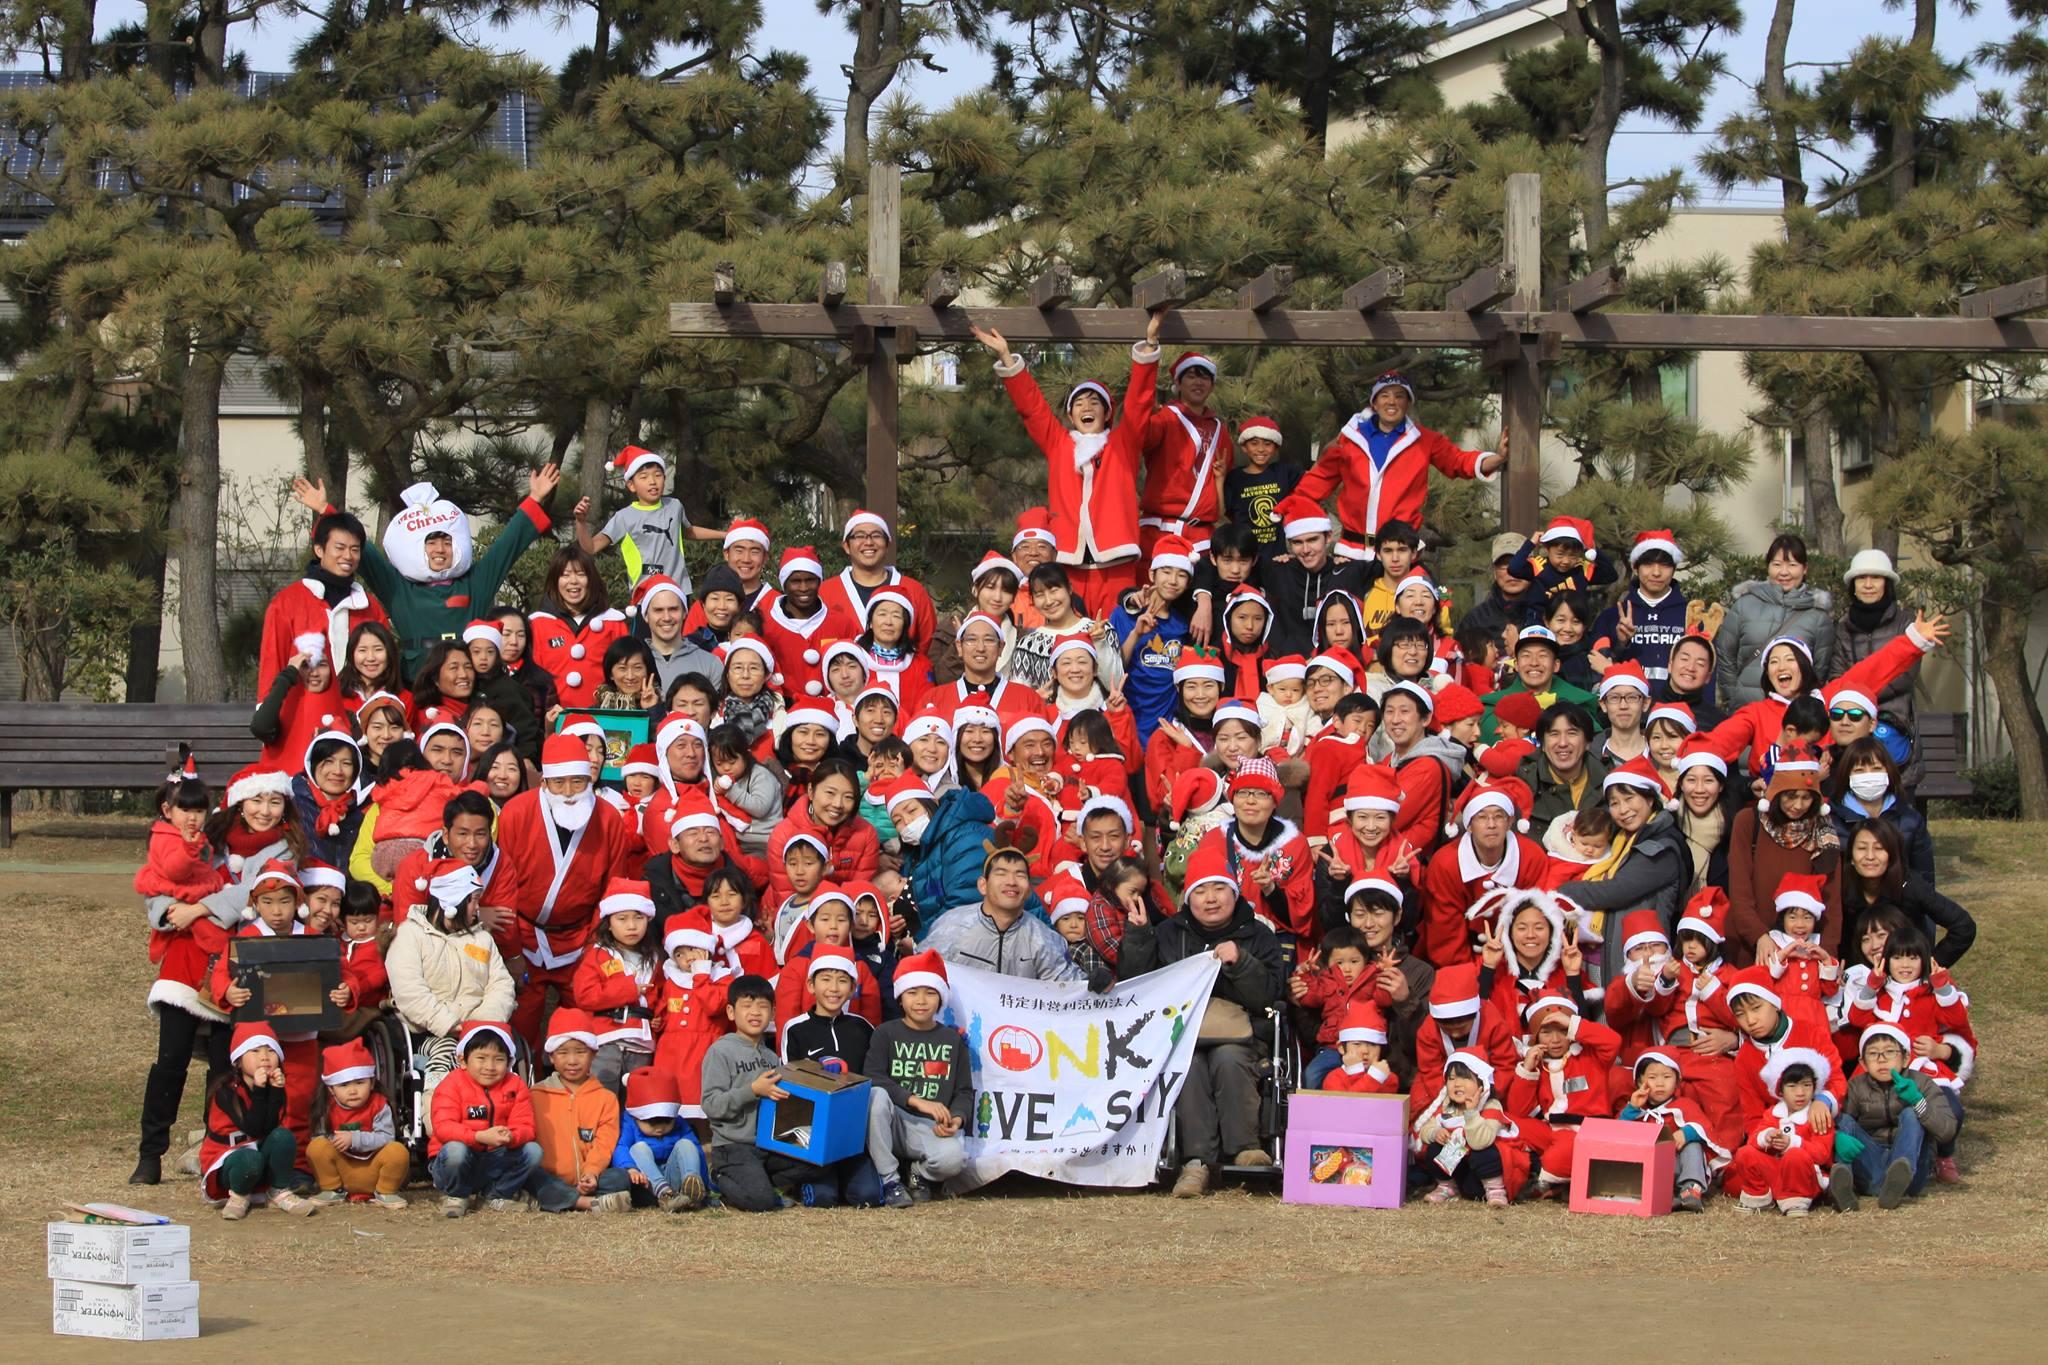 2大クリスマスイベント開催@辻堂海浜公園